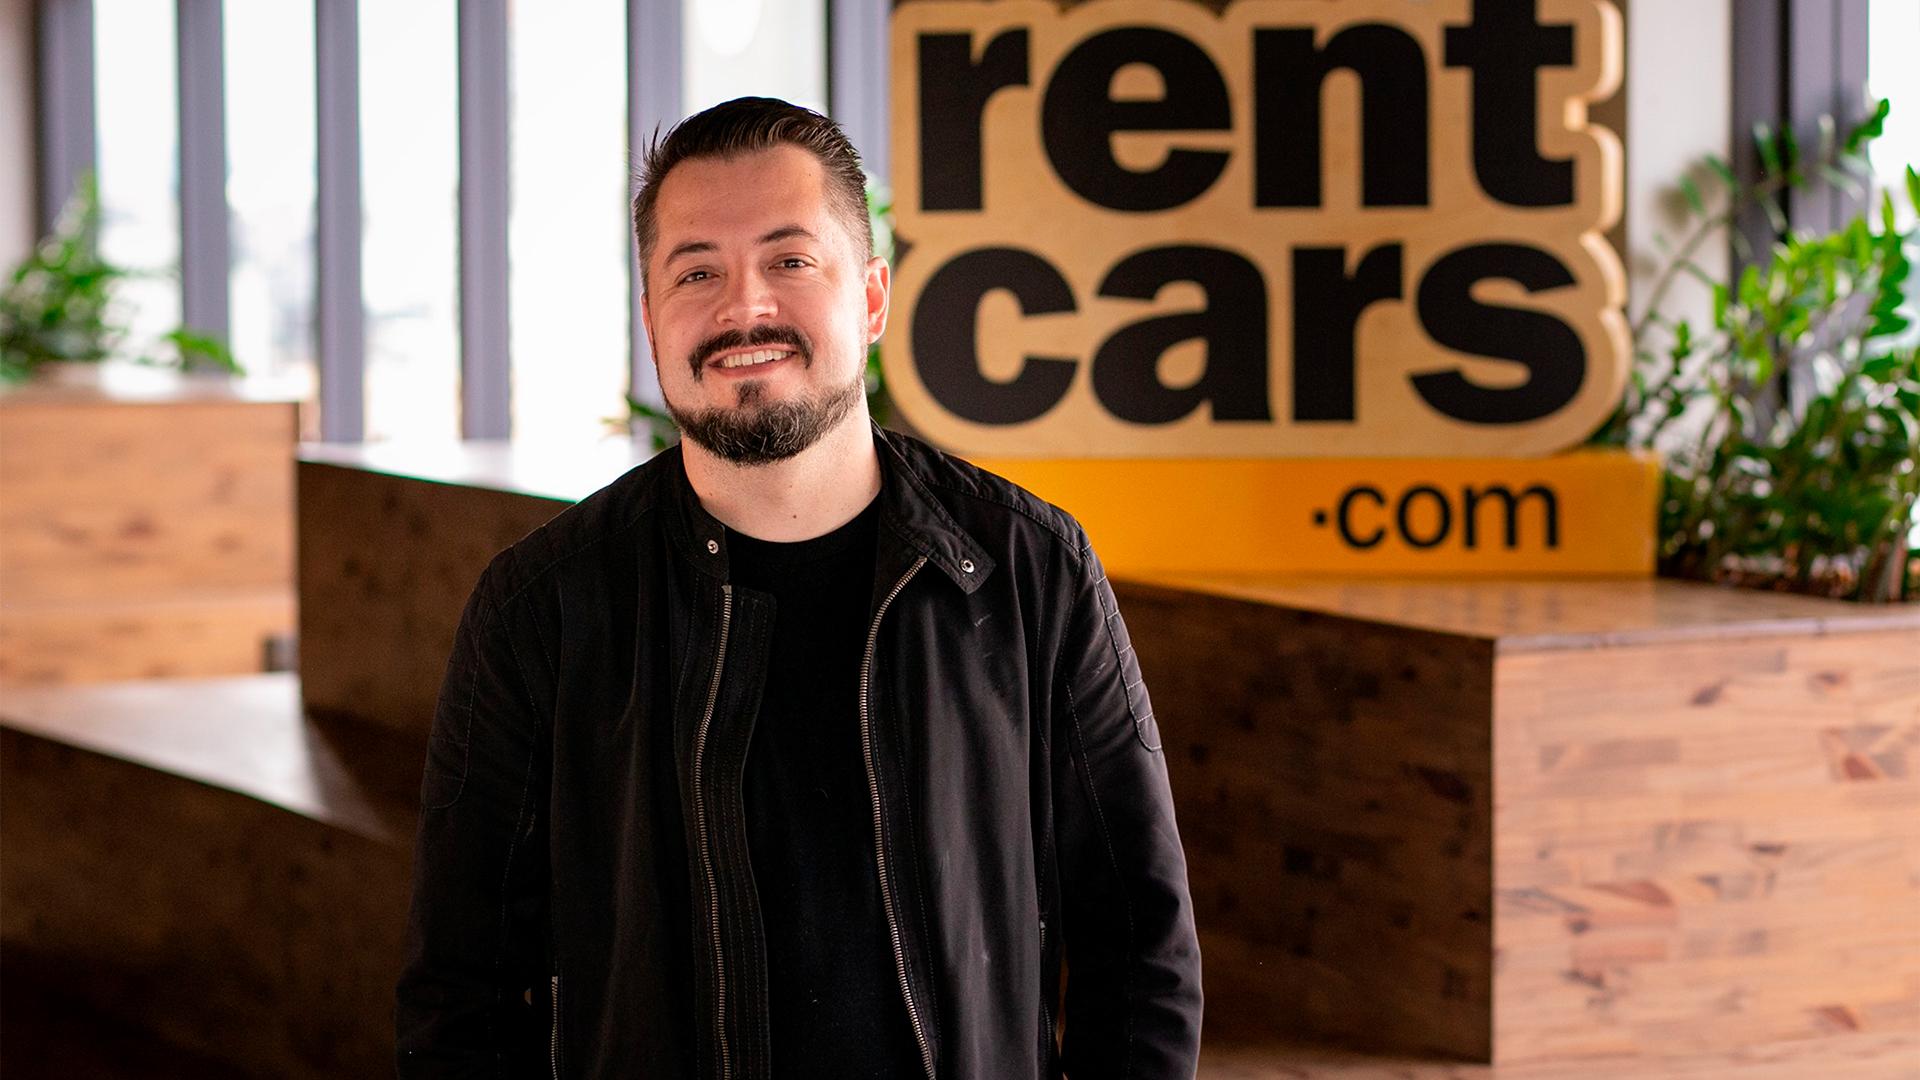 Diogo Rolim, head de Customer Services da Rentcars.com